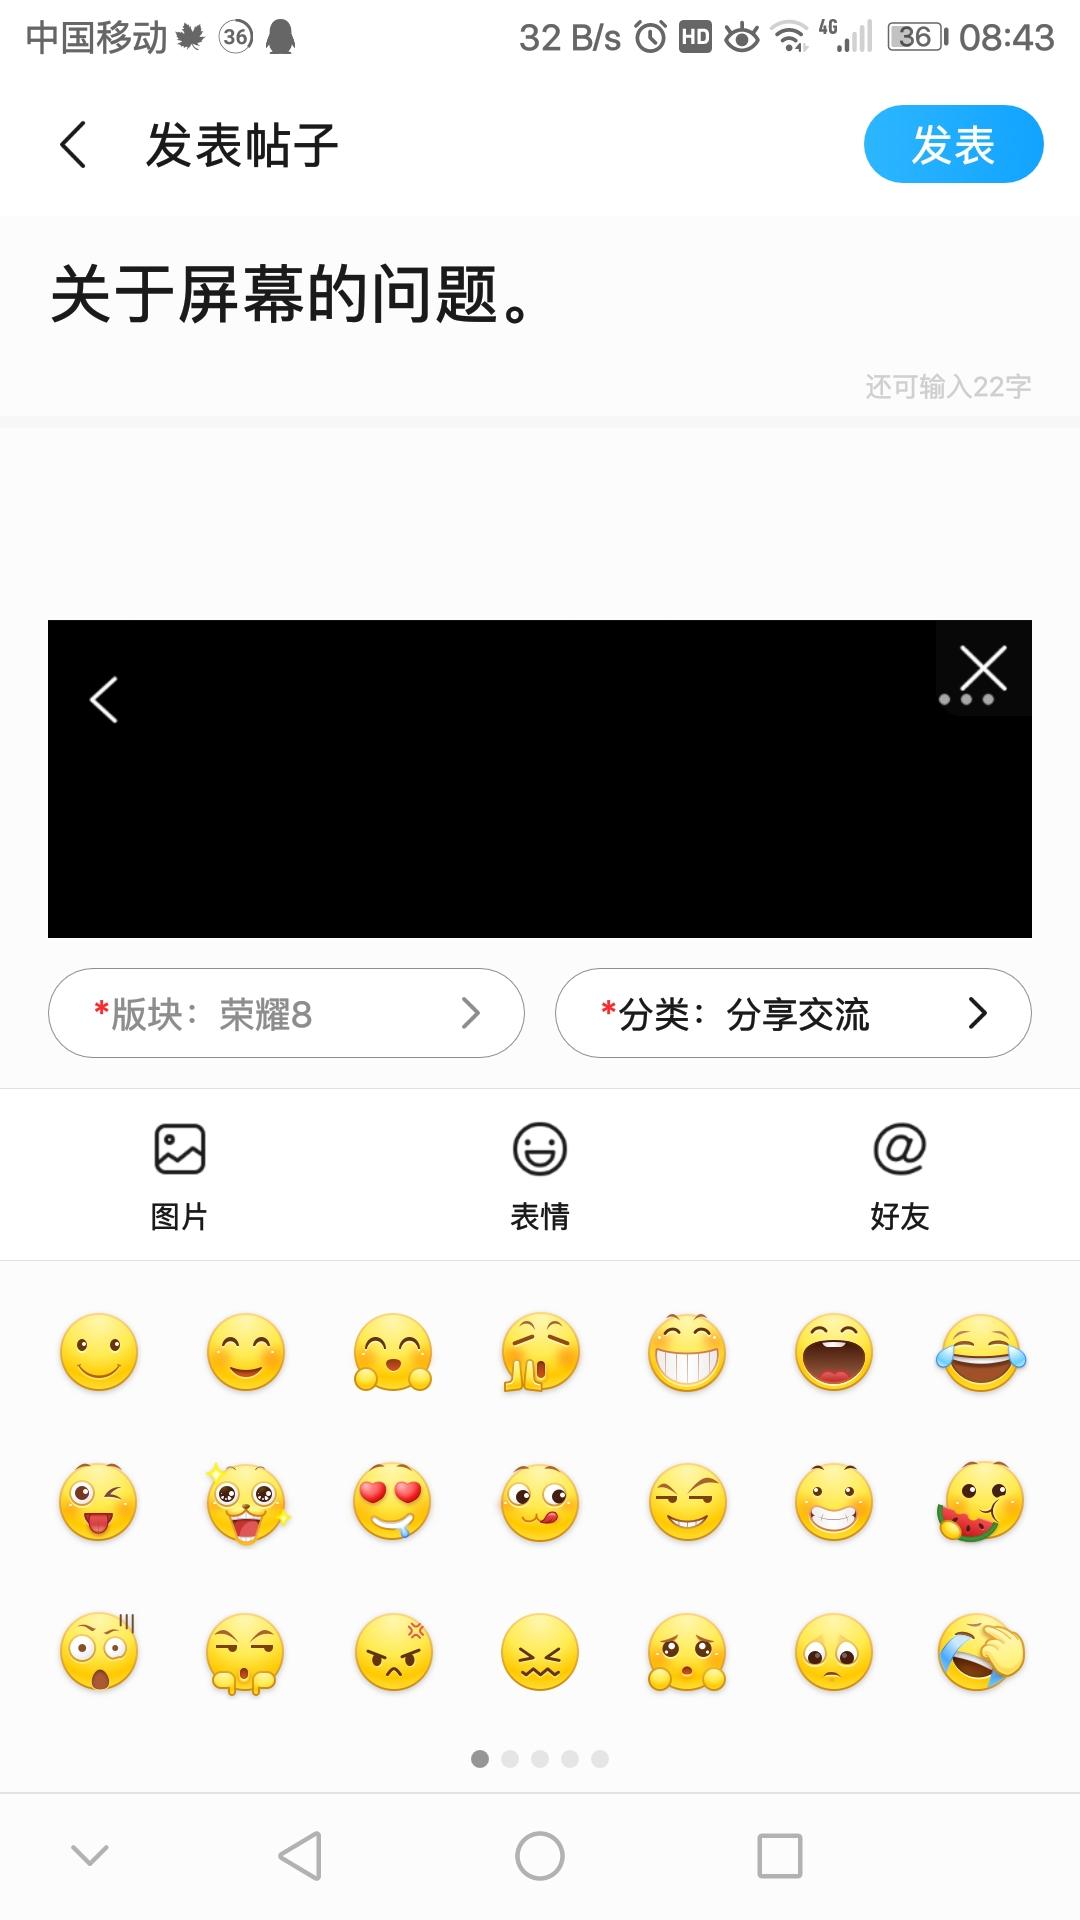 Screenshot_20200520-084340.jpg